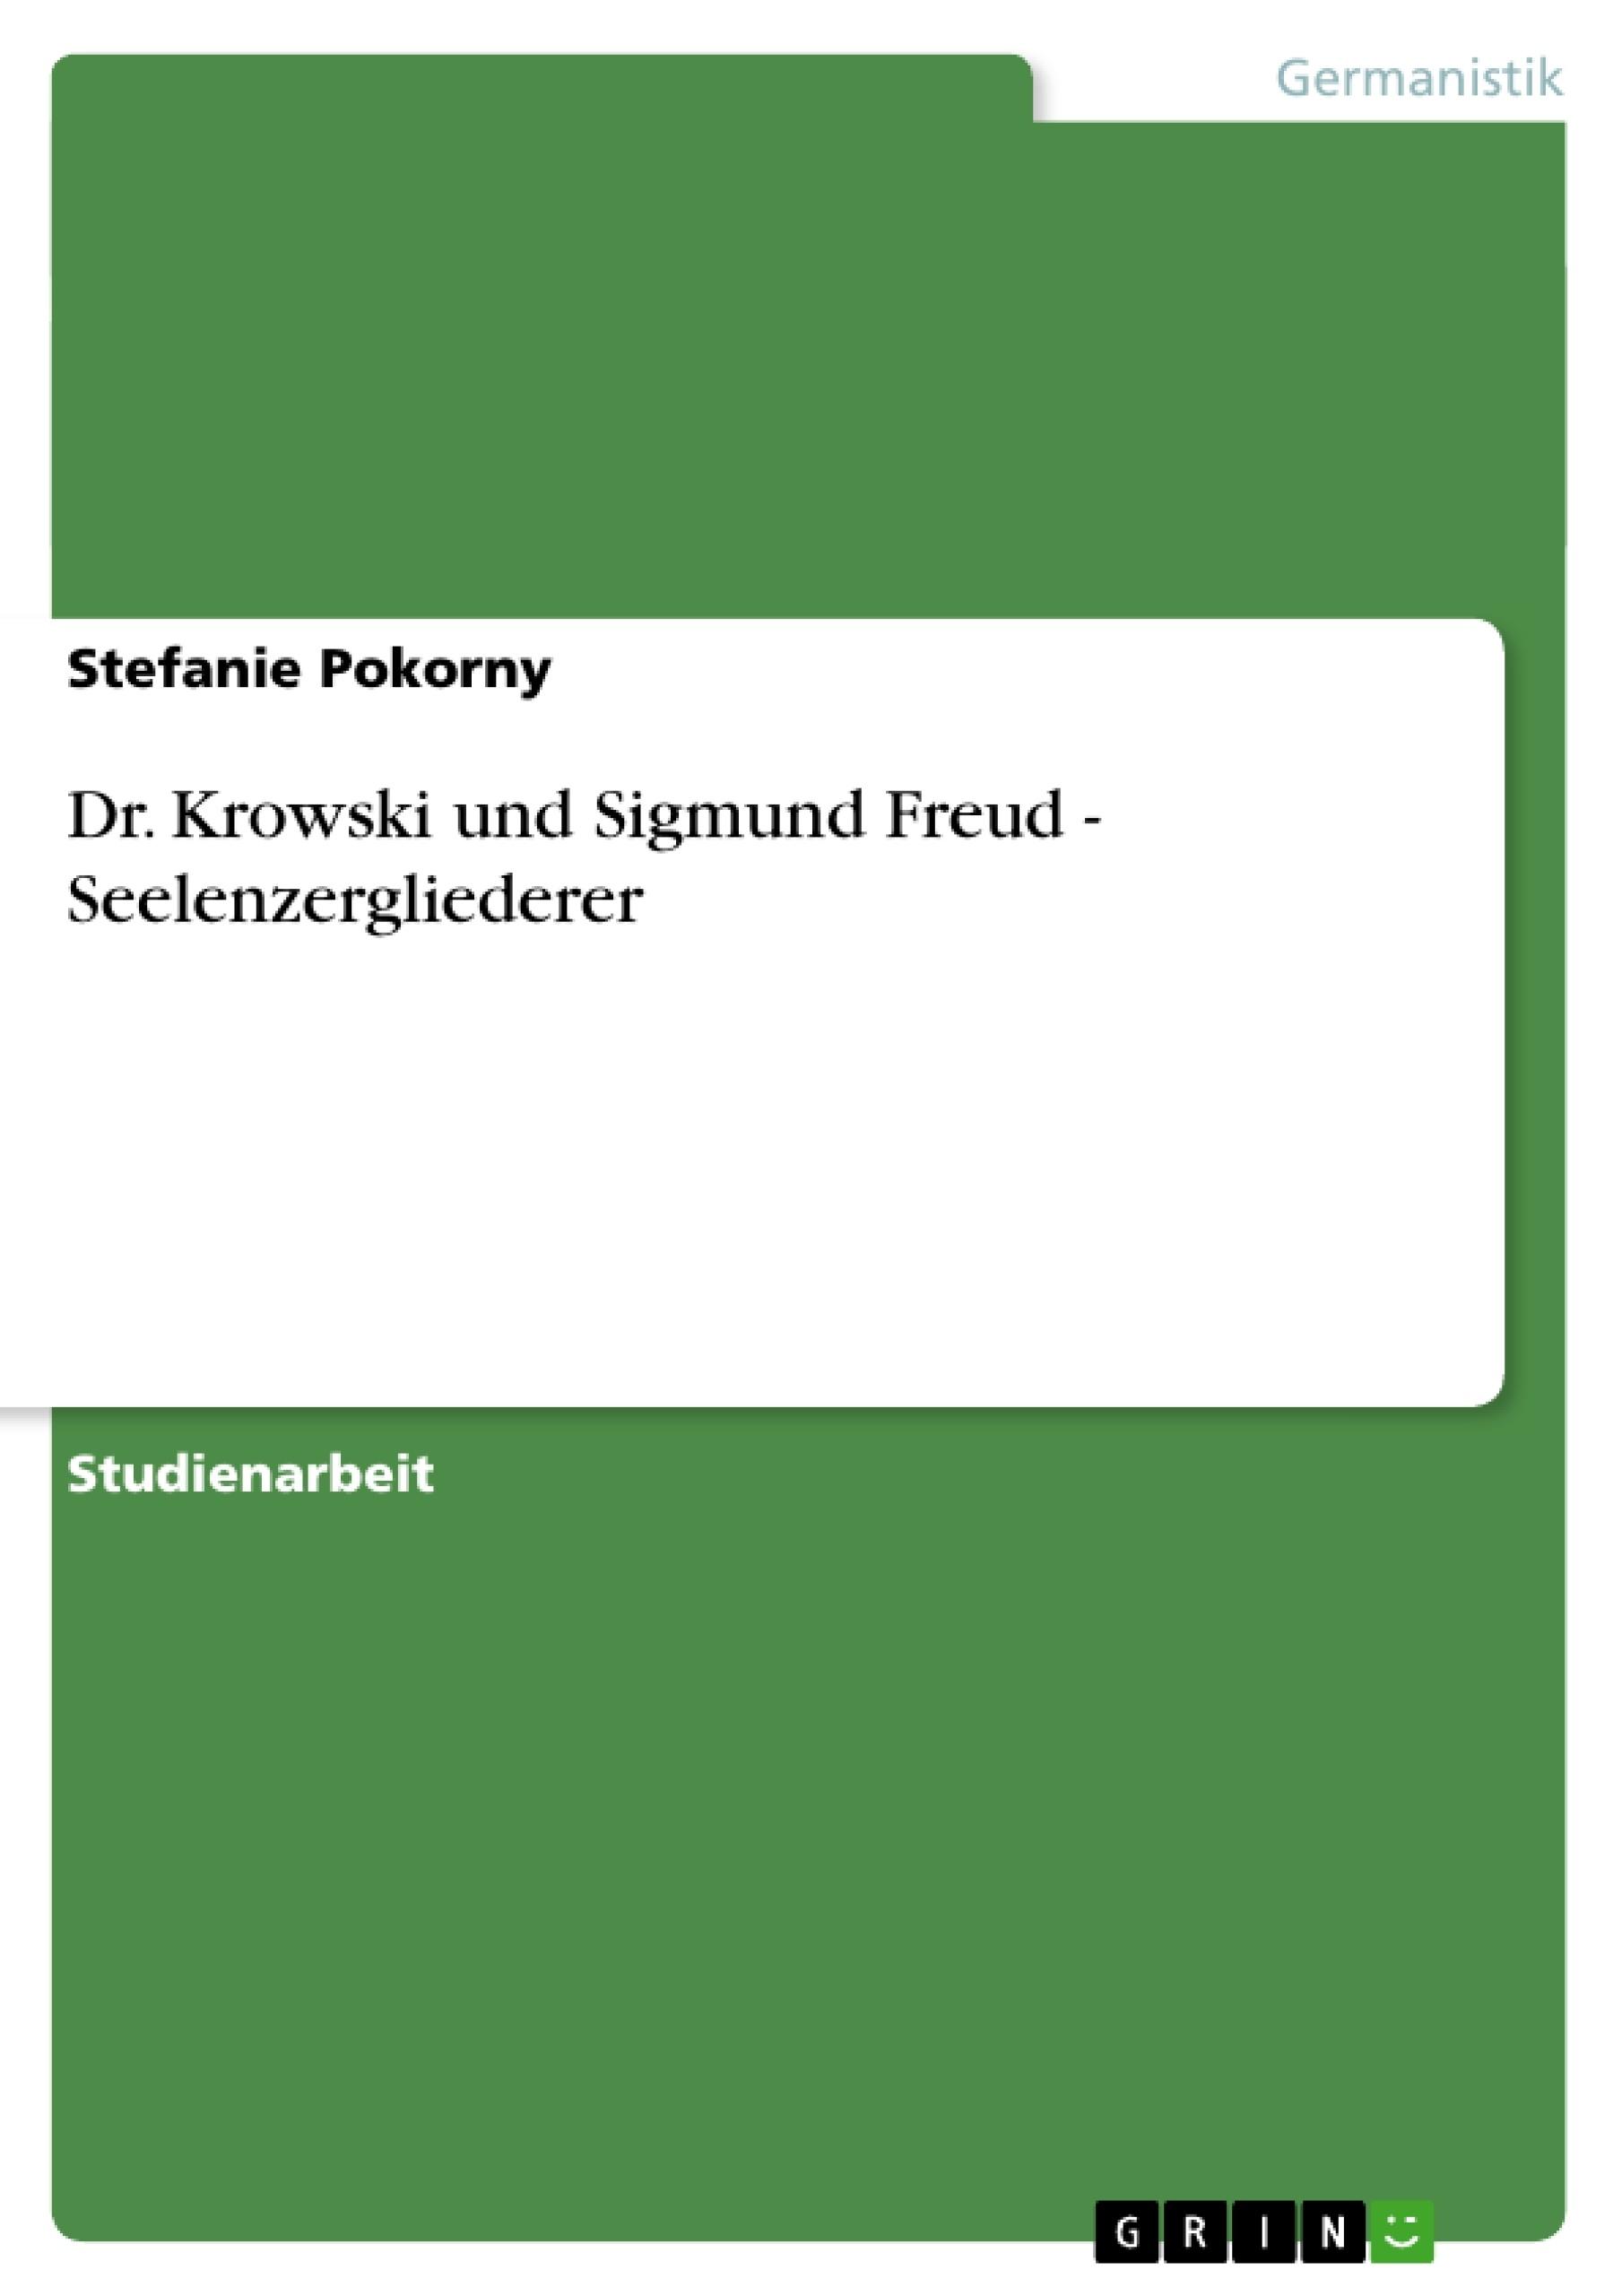 Titel: Dr. Krowski und Sigmund Freud - Seelenzergliederer